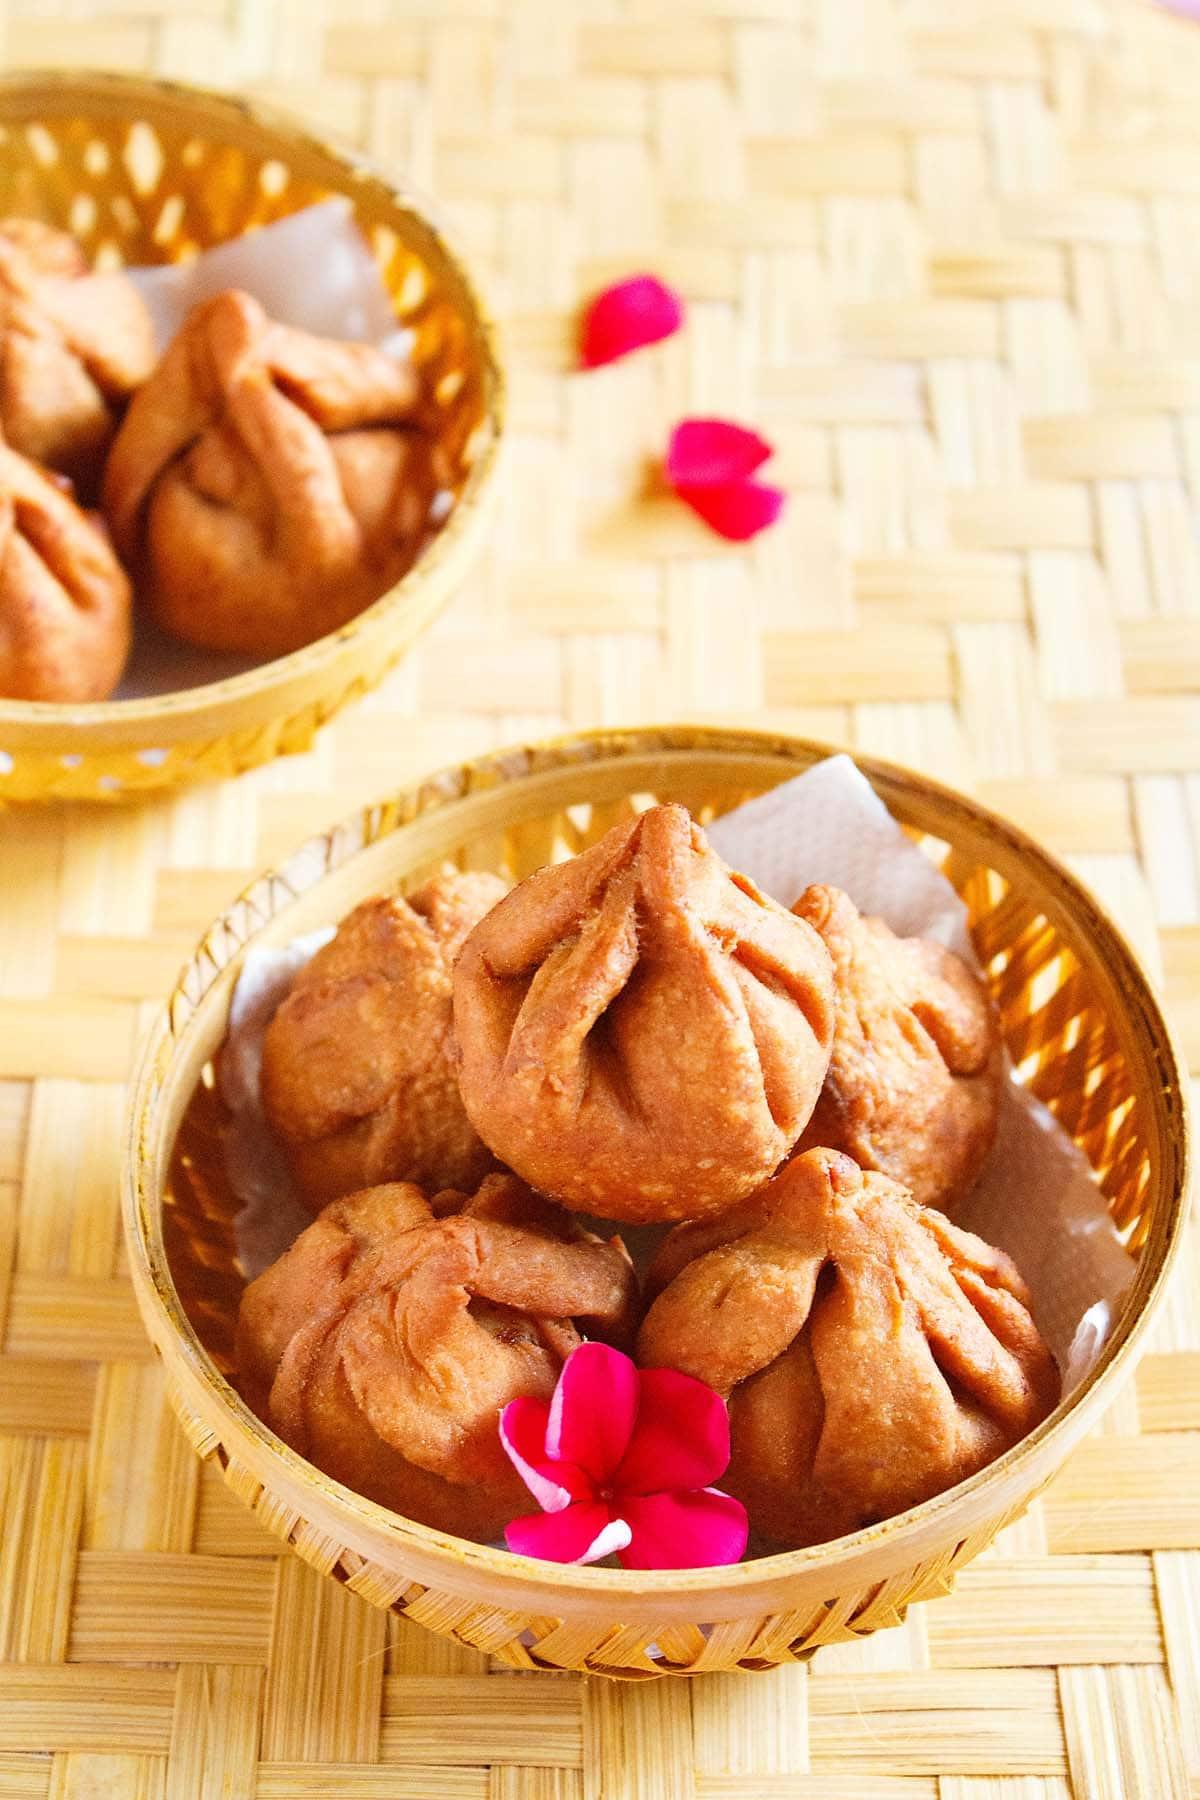 modak frit dans un bol rond en bambou avec une fleur rose foncé placée sur une natte de bambou